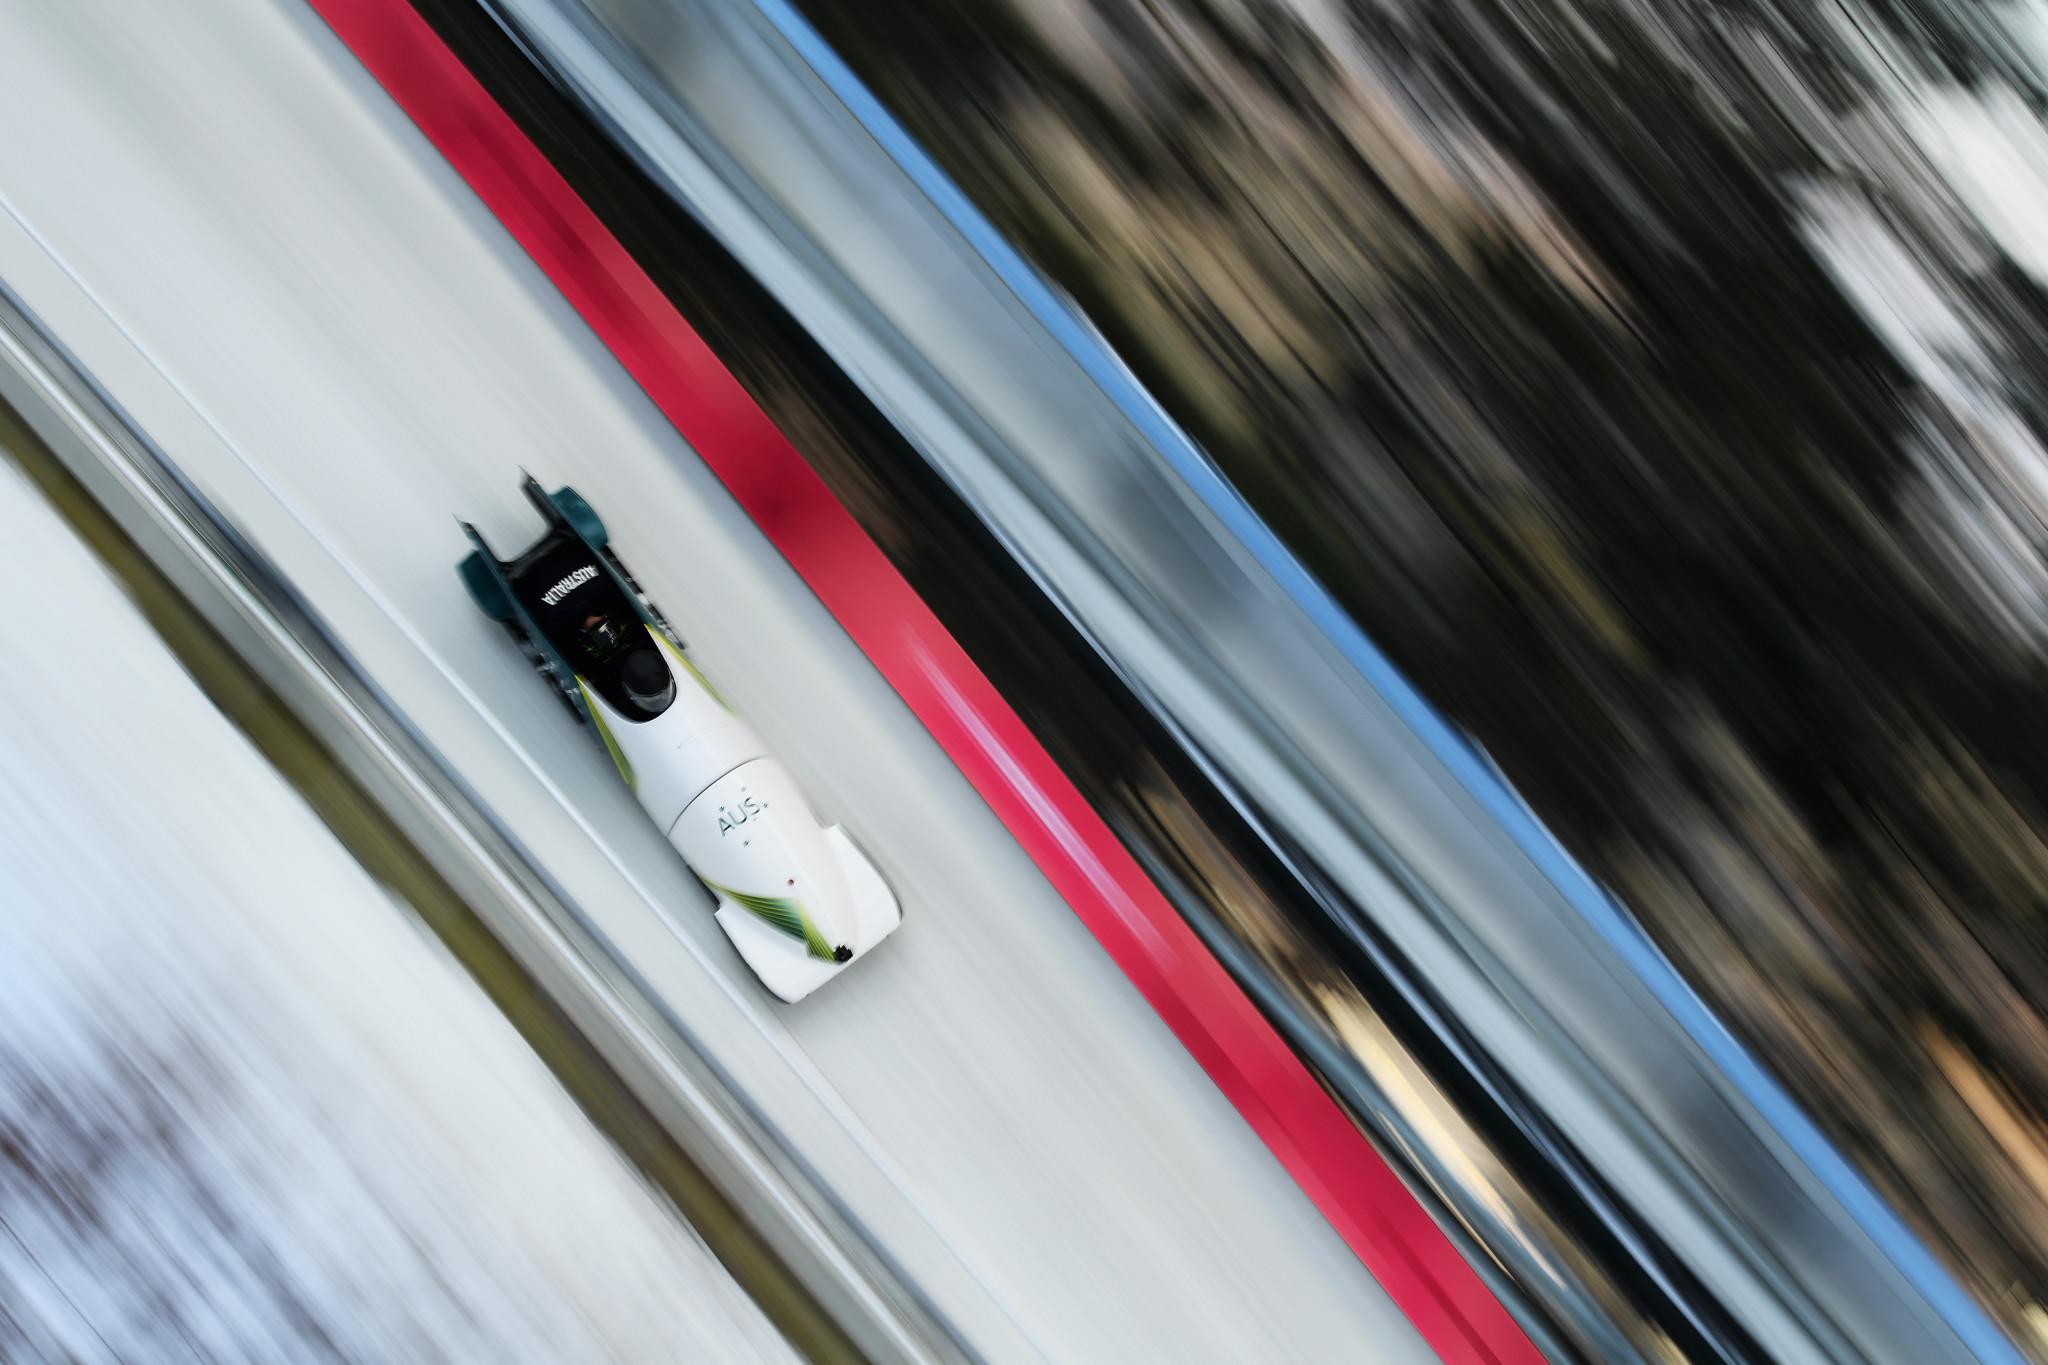 Stewart tops IBSF Para Sport World Cup standings after season opener in St Moritz